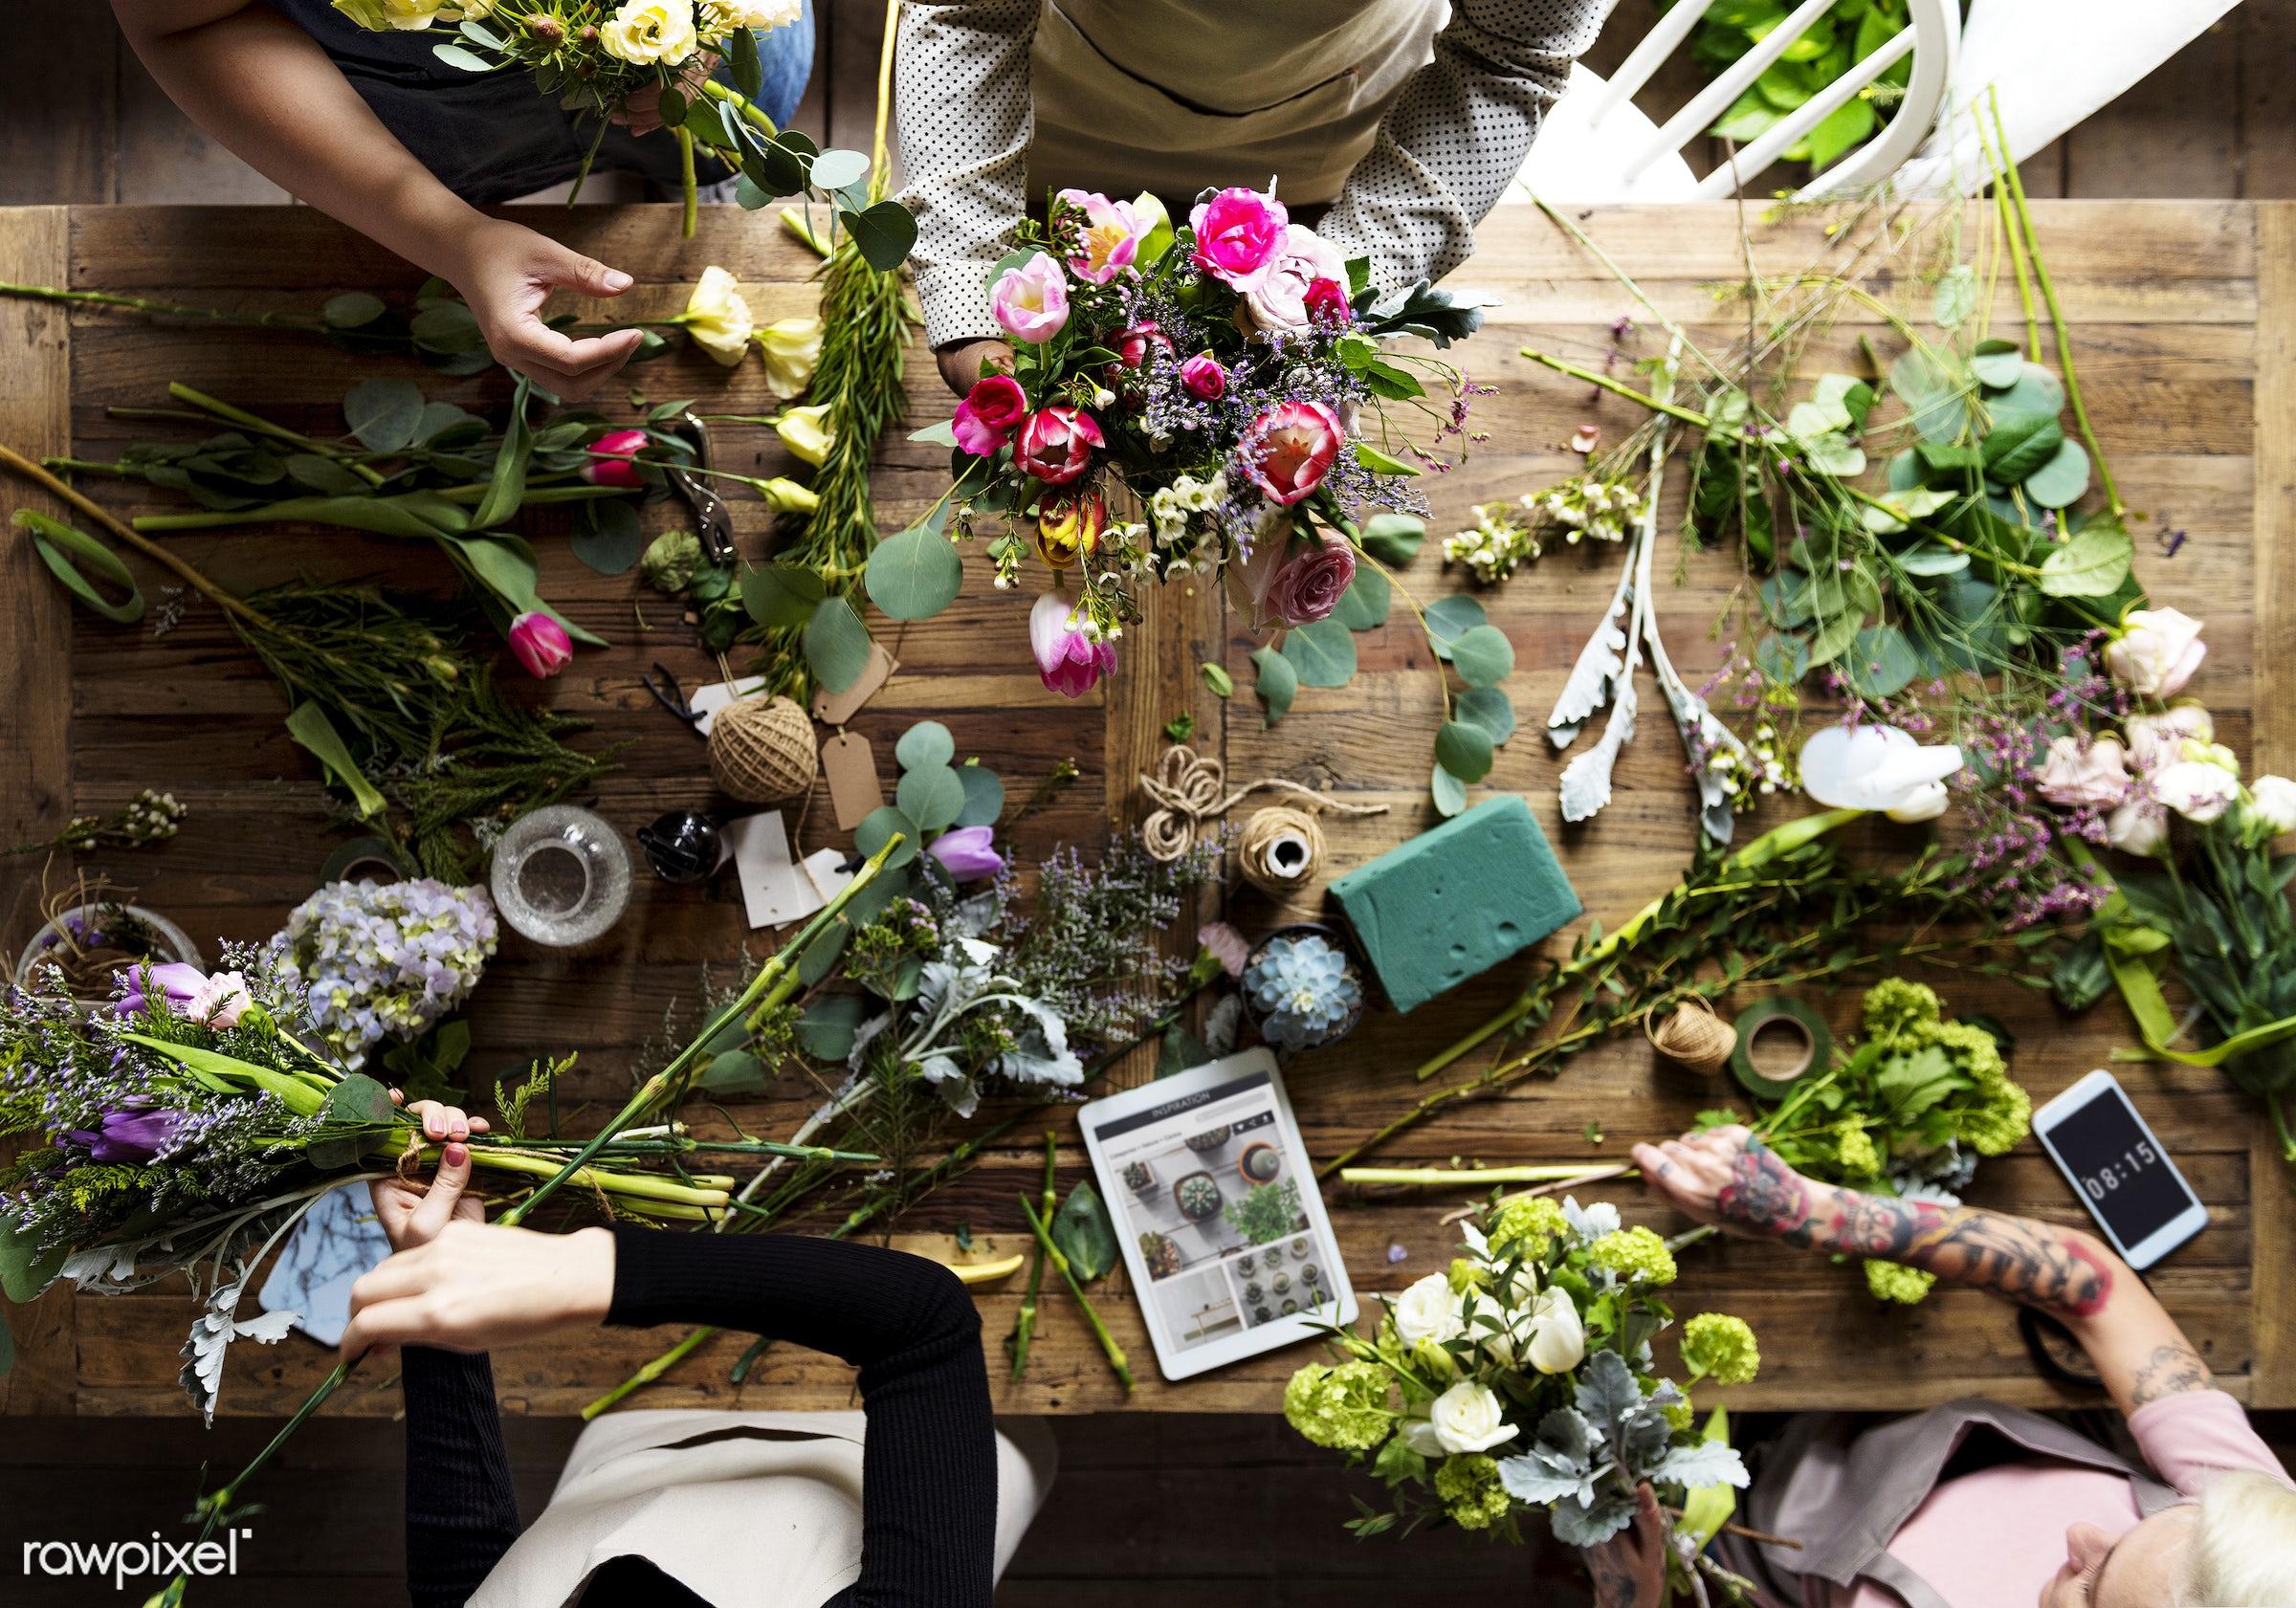 Florist job flower arrangement and decoration  - hobby, aerial view, table, bouquet, workshop, arrangement, art, business,...